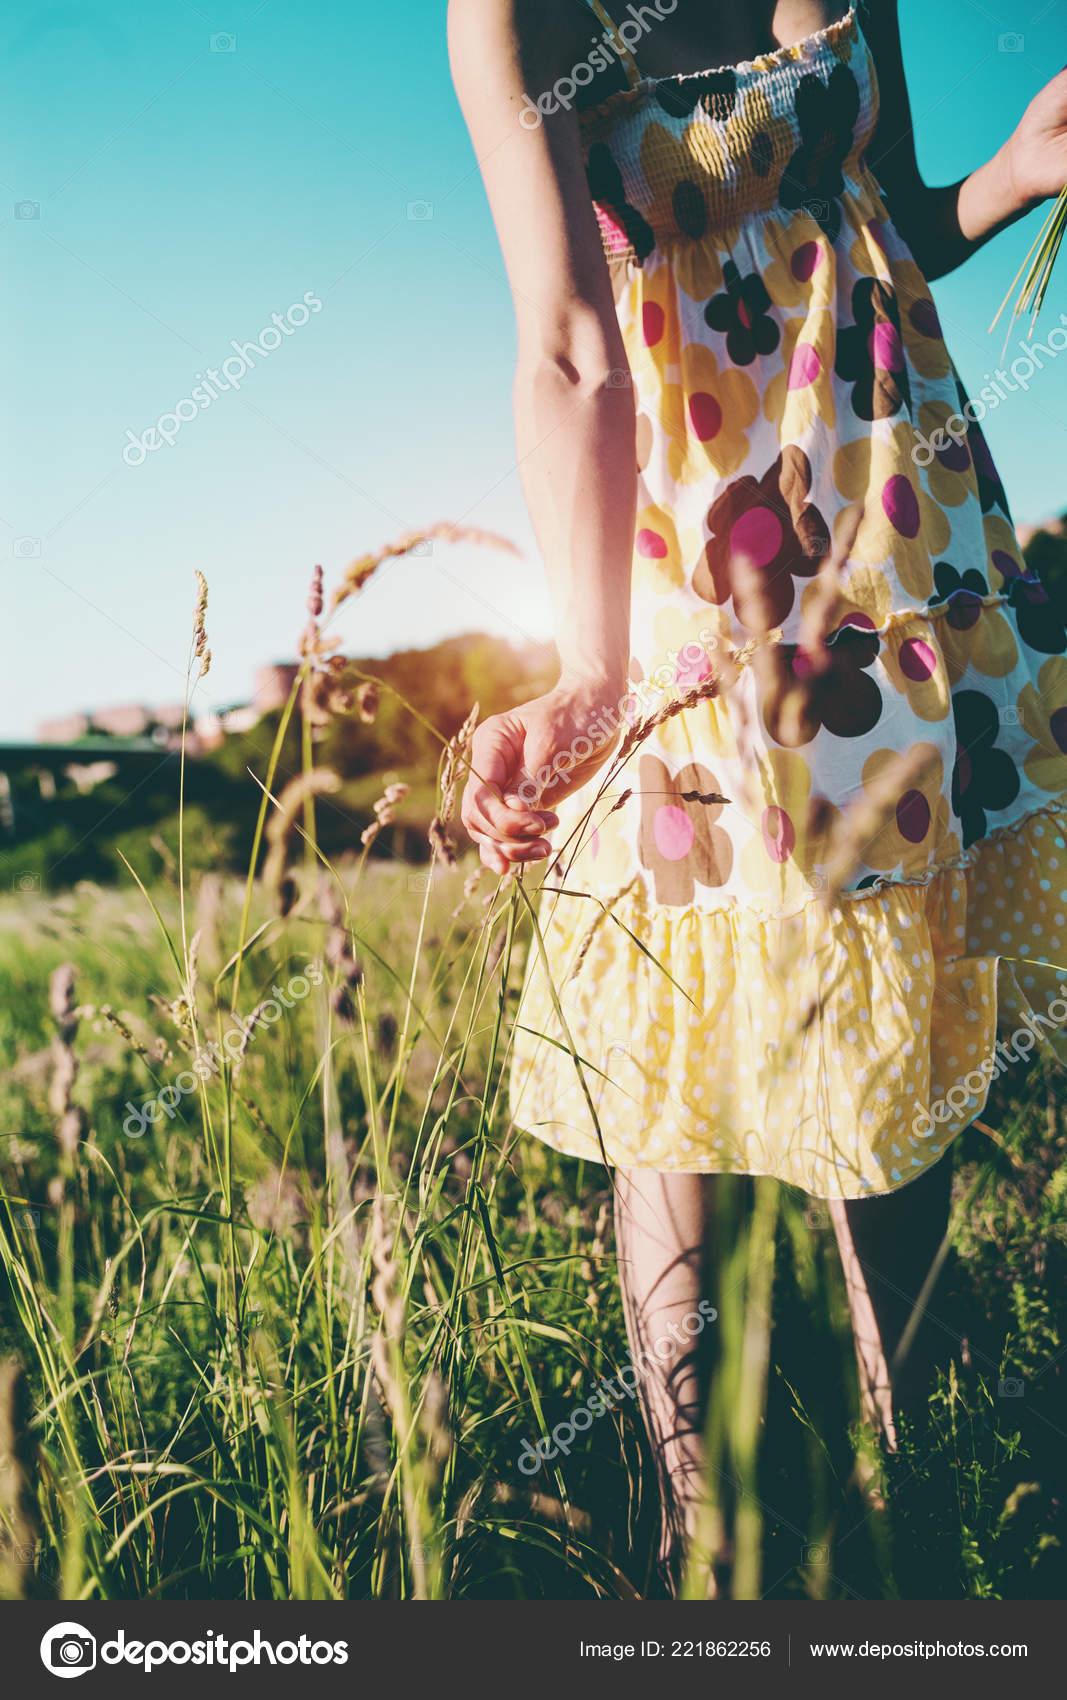 Vestido Flores Silvestres Una Arranca Mujer Verano Chica Las ybf76gvImY